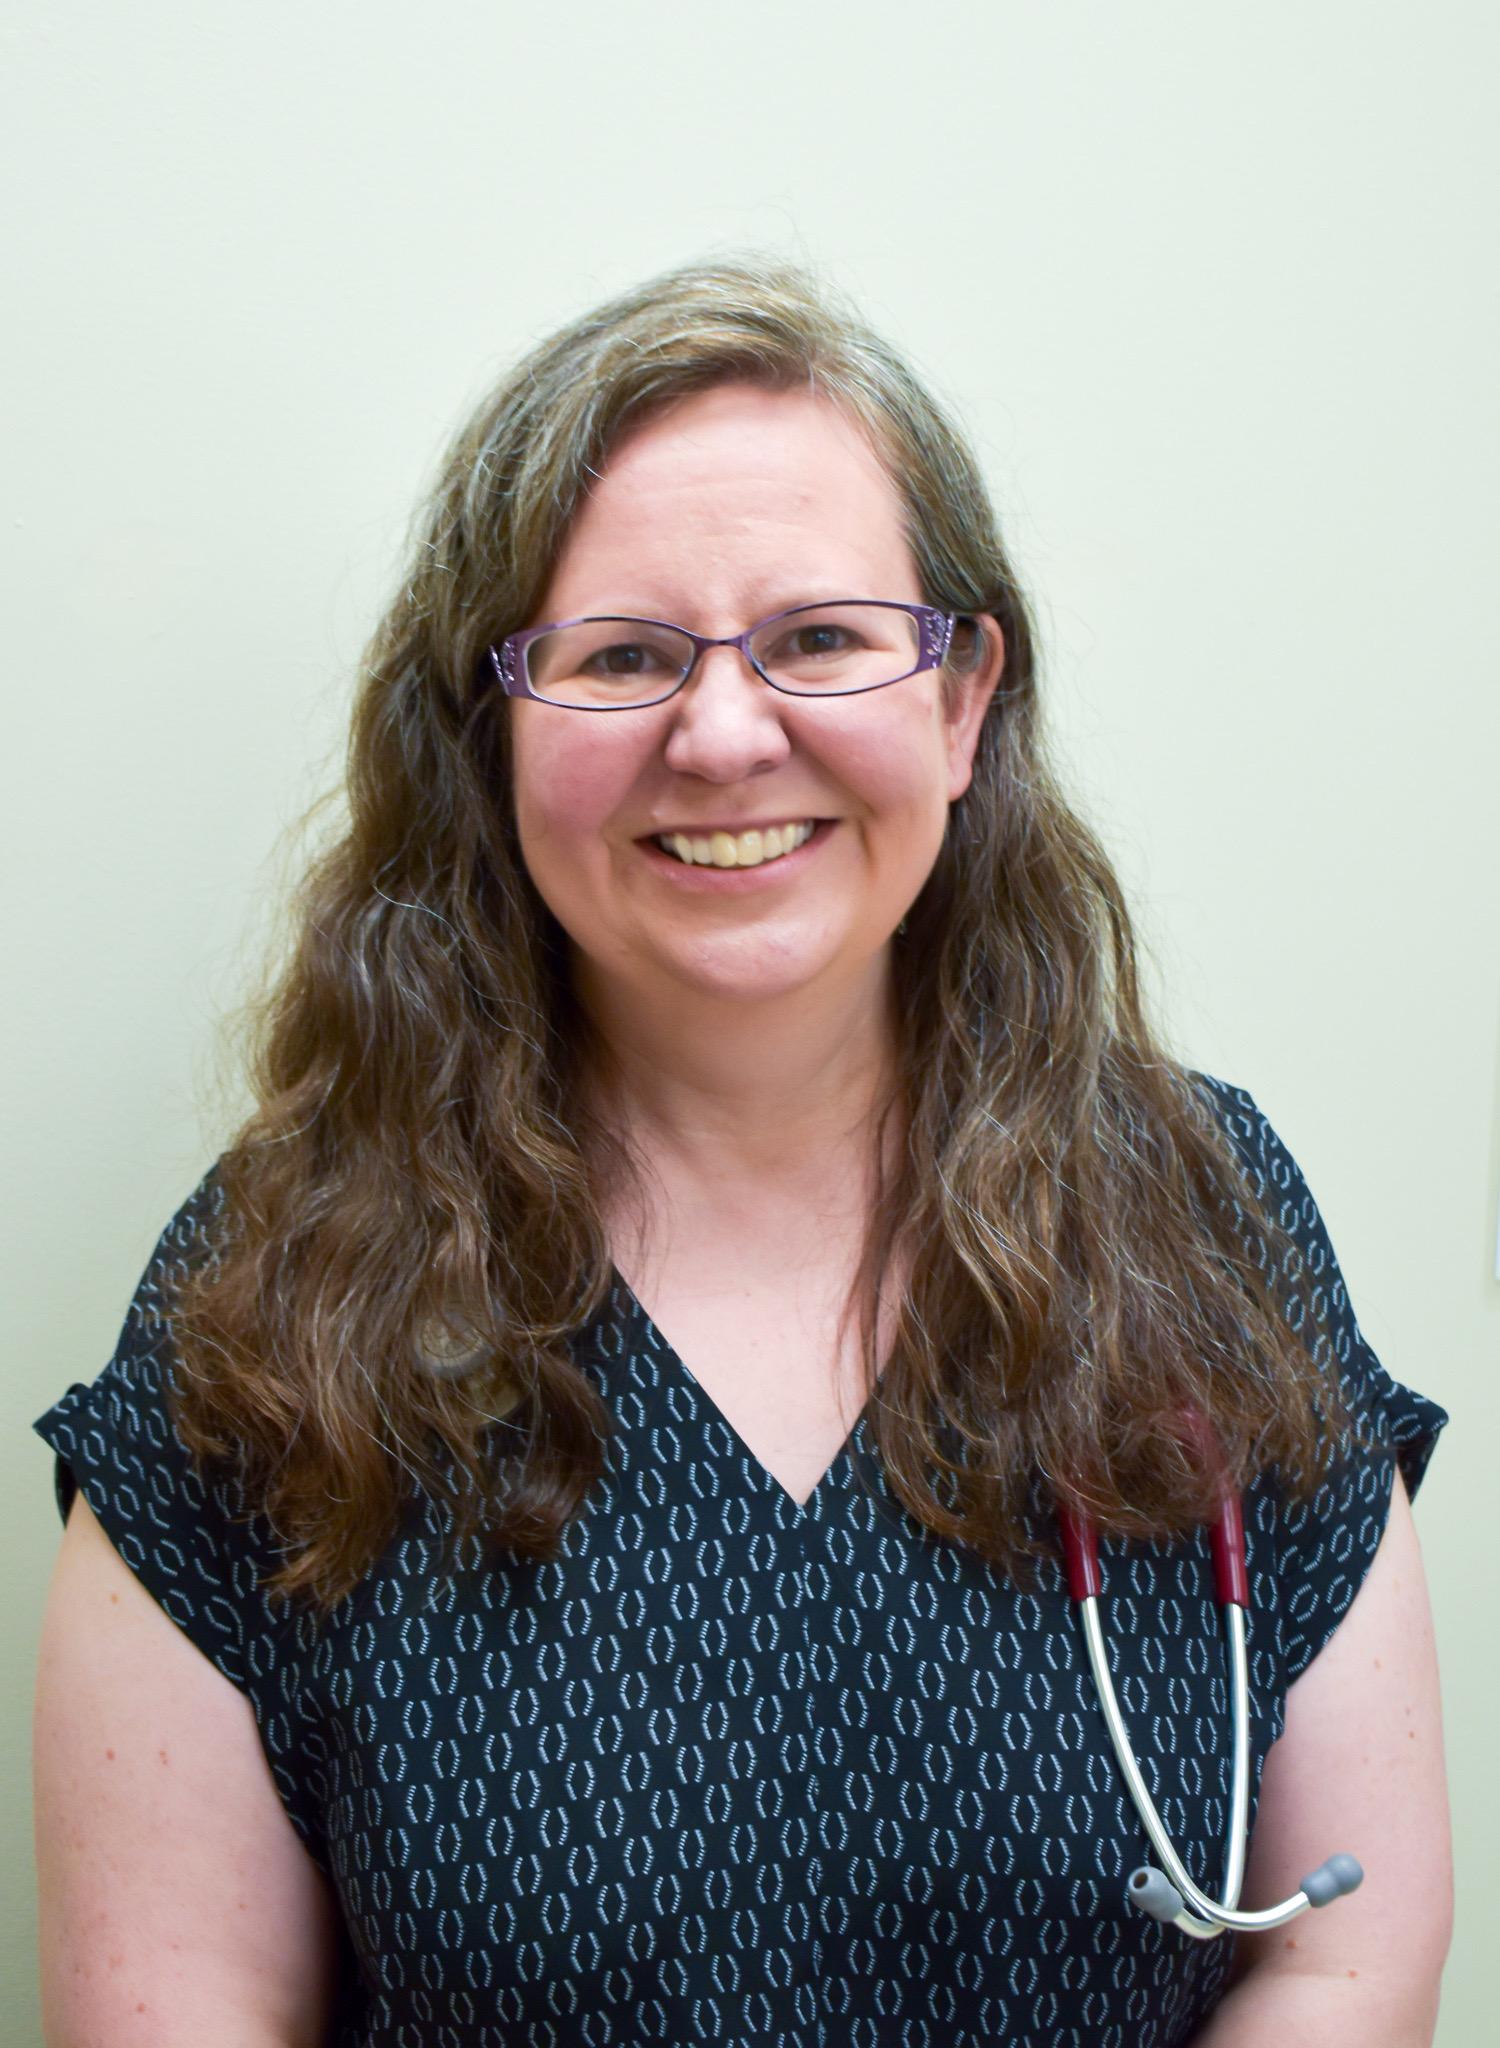 Karen Leuenberger | Physician Assistant